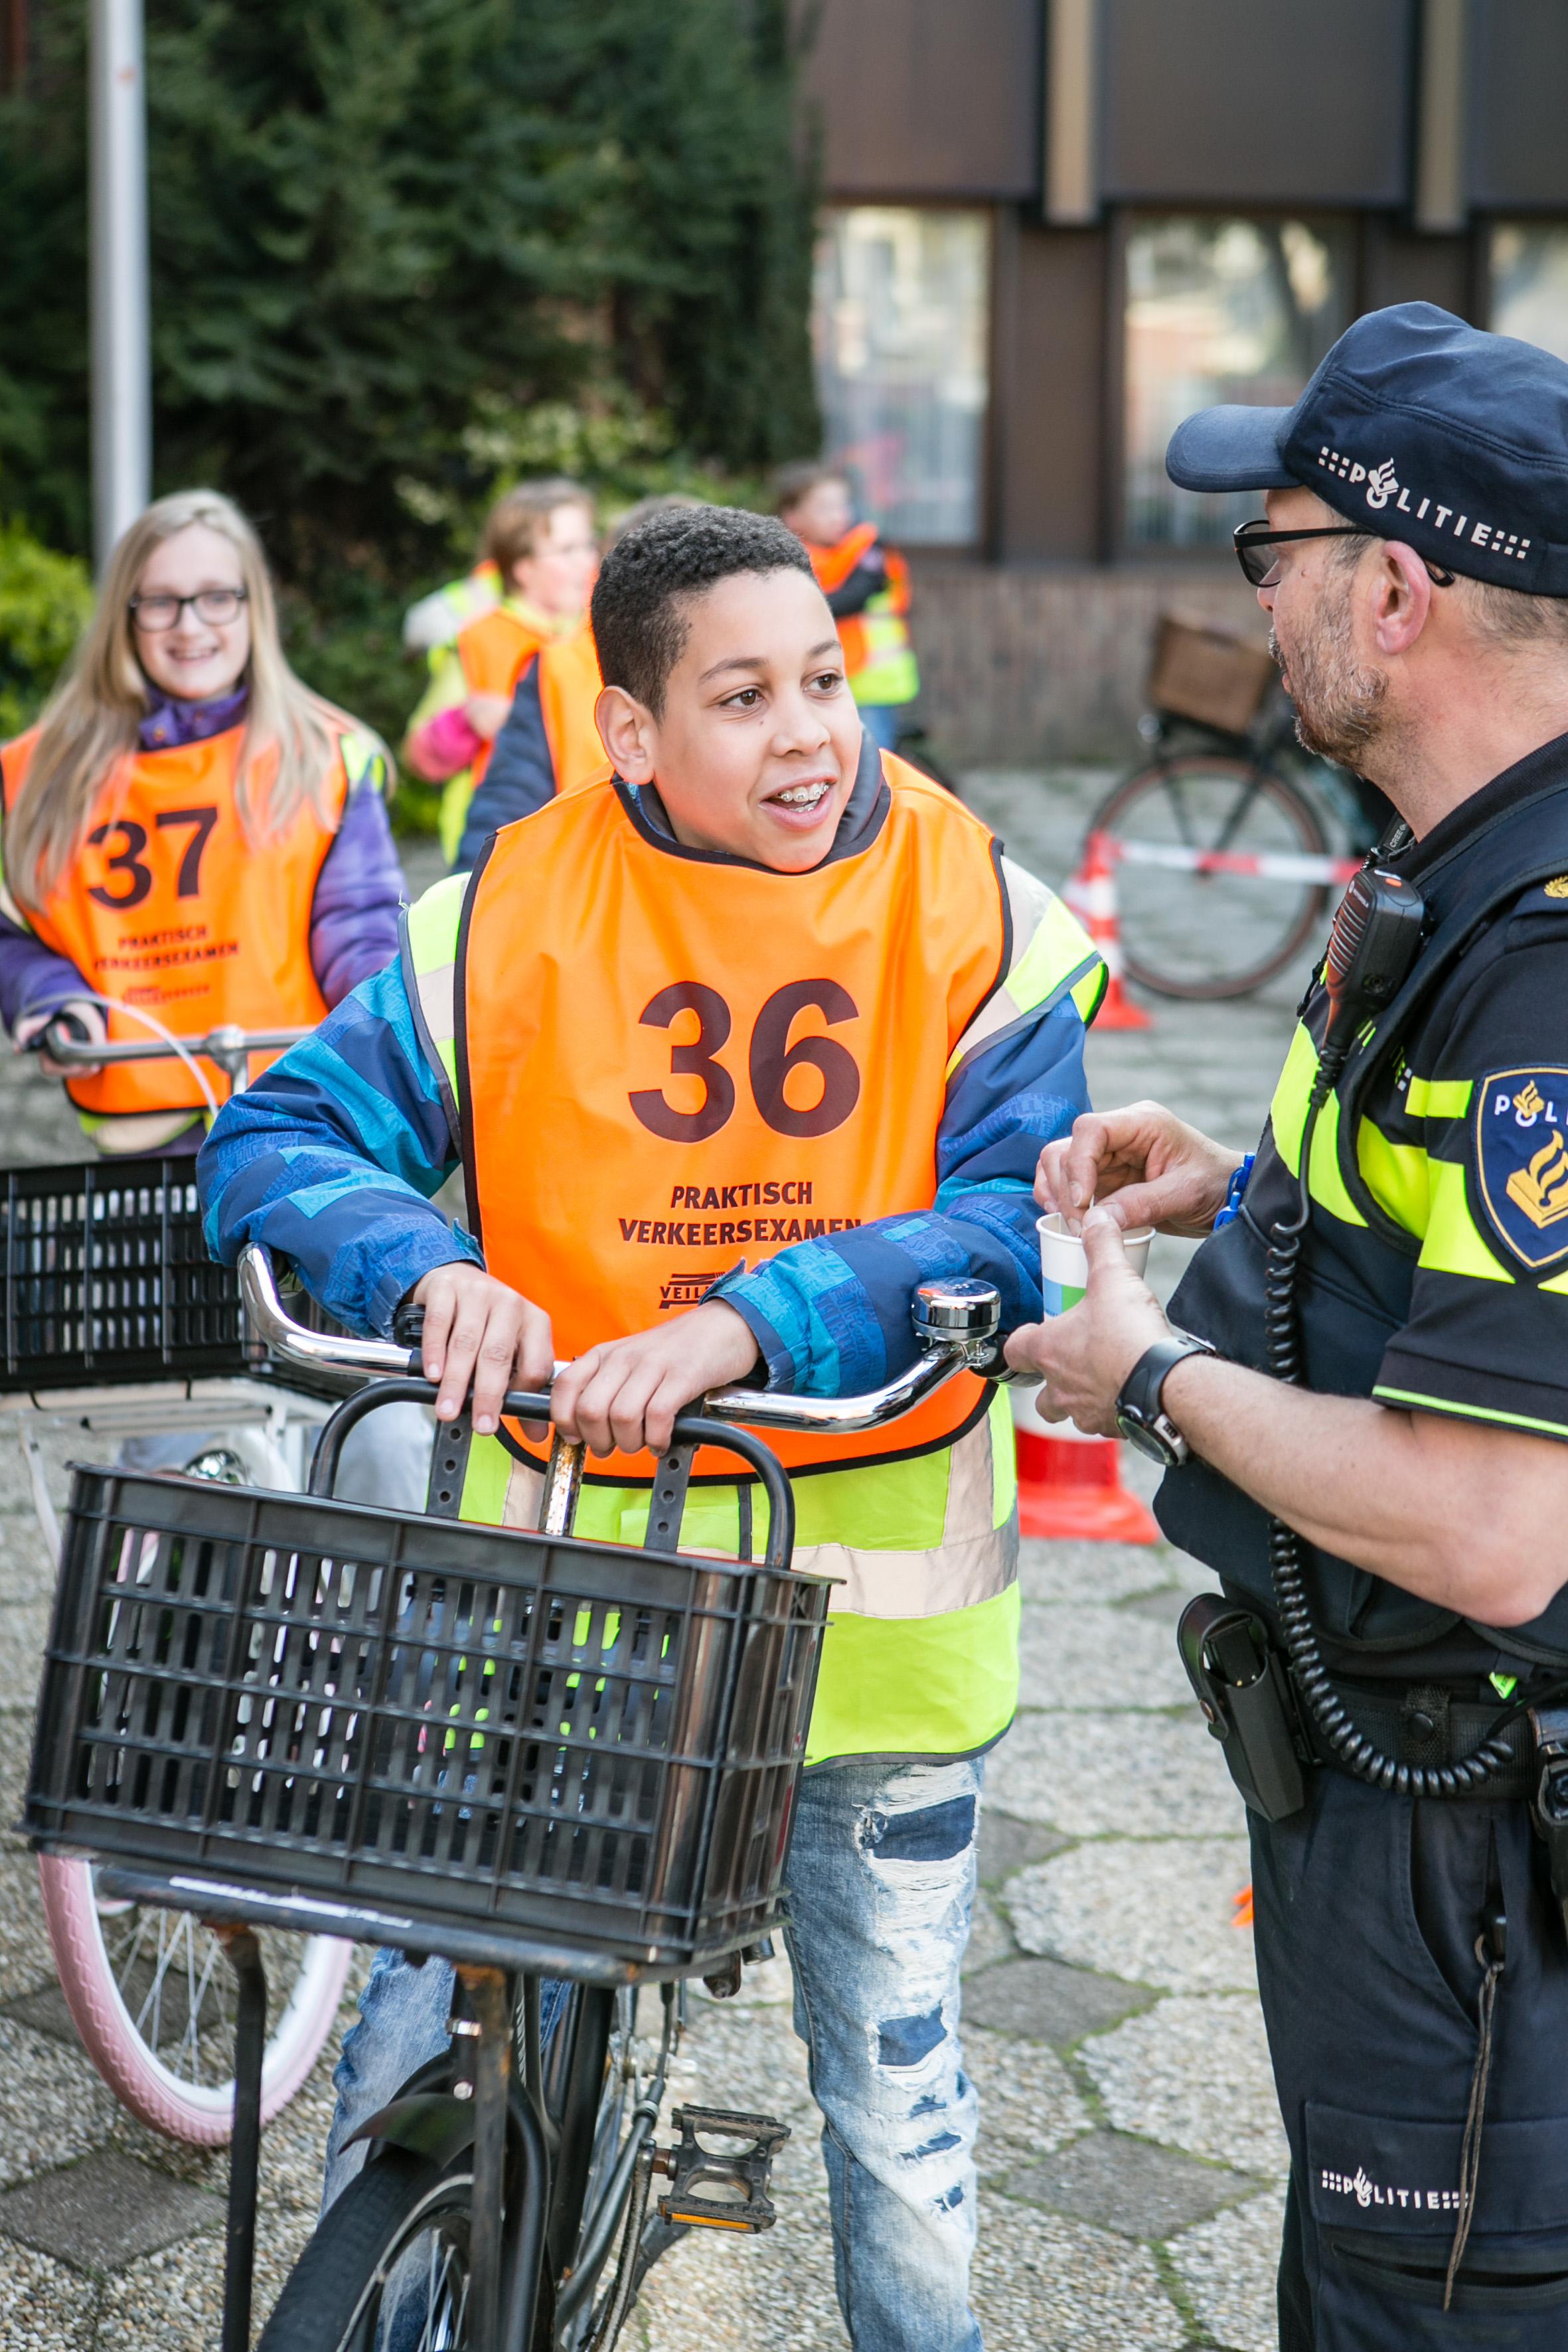 verkeersexamen foto eric van nieuwland 080214